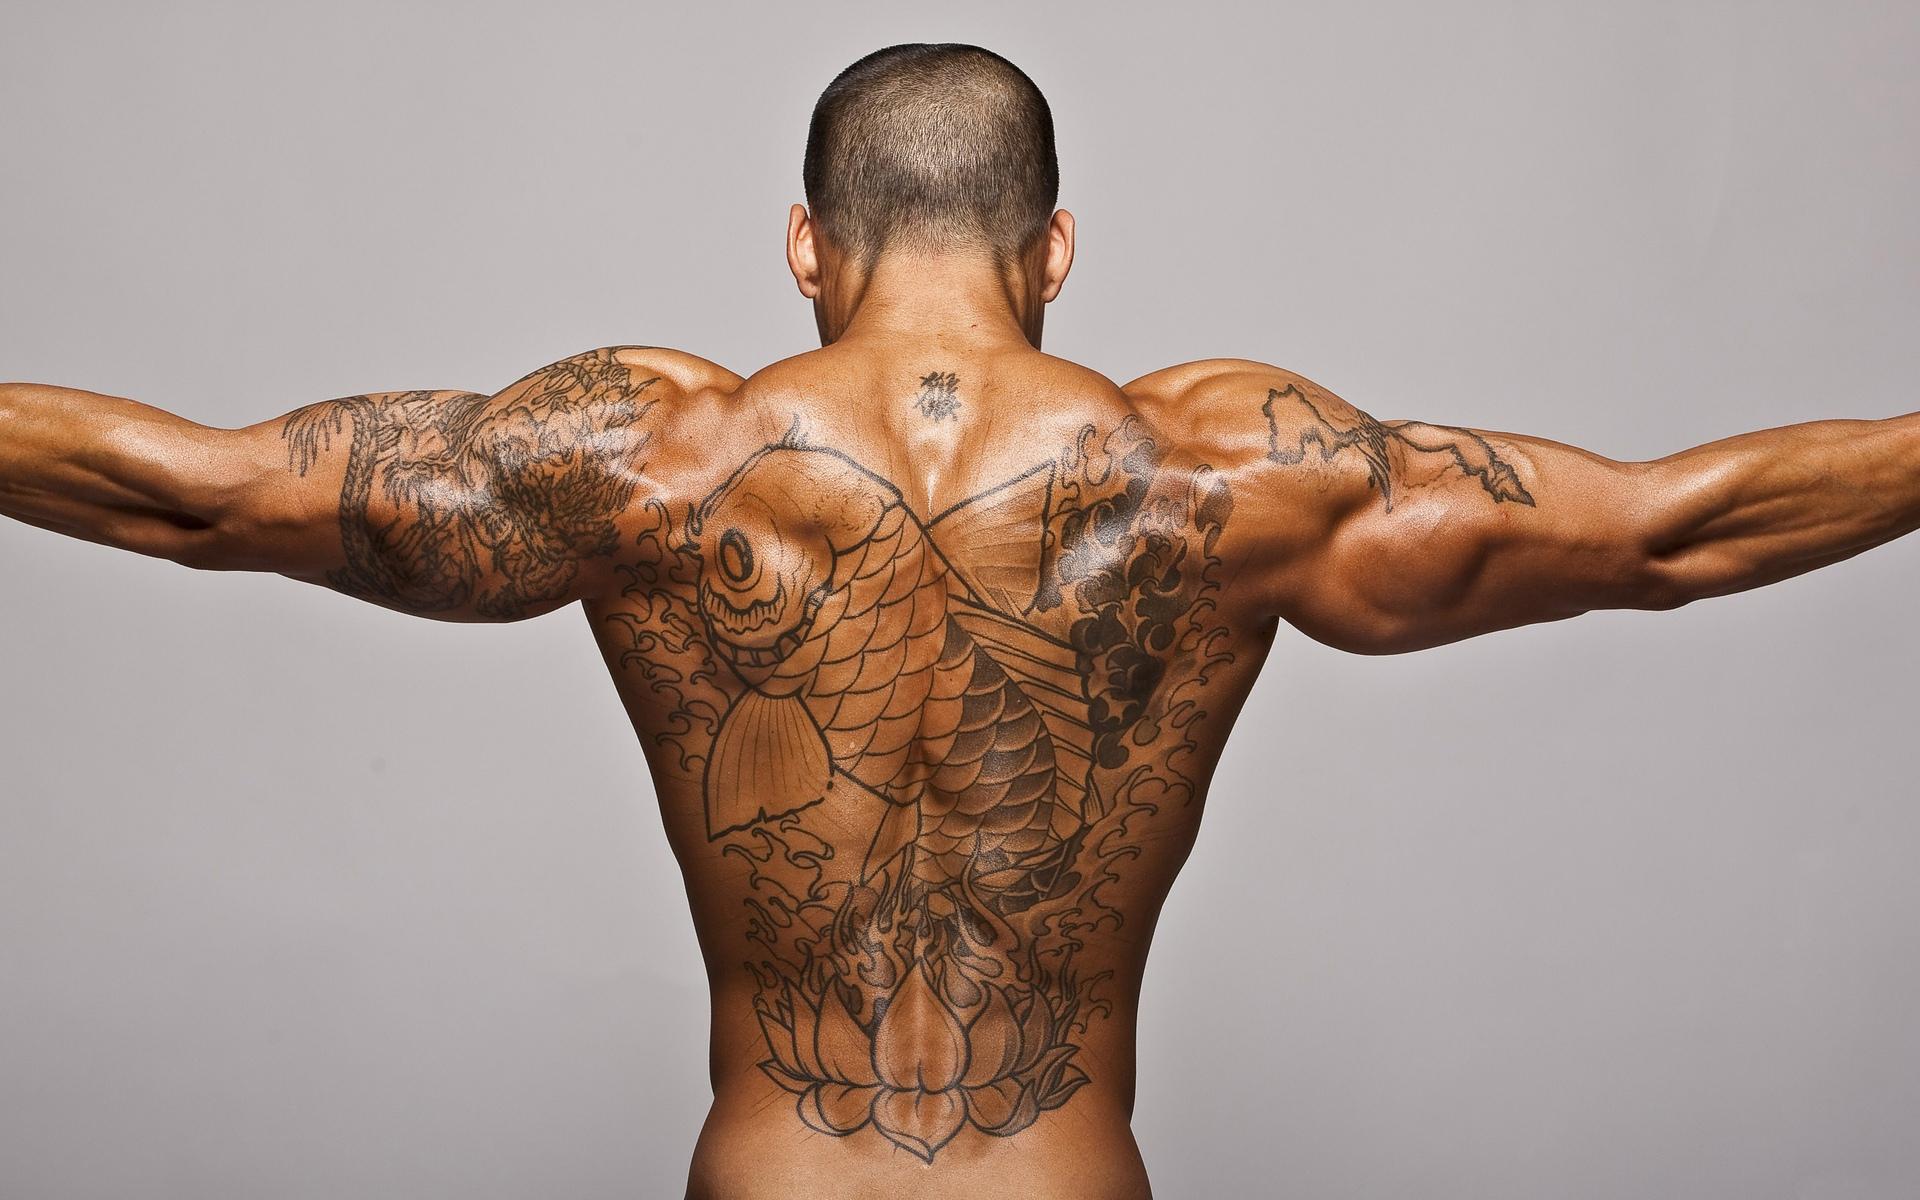 мужчина с тату на спине, татуировки, парень, hd обои